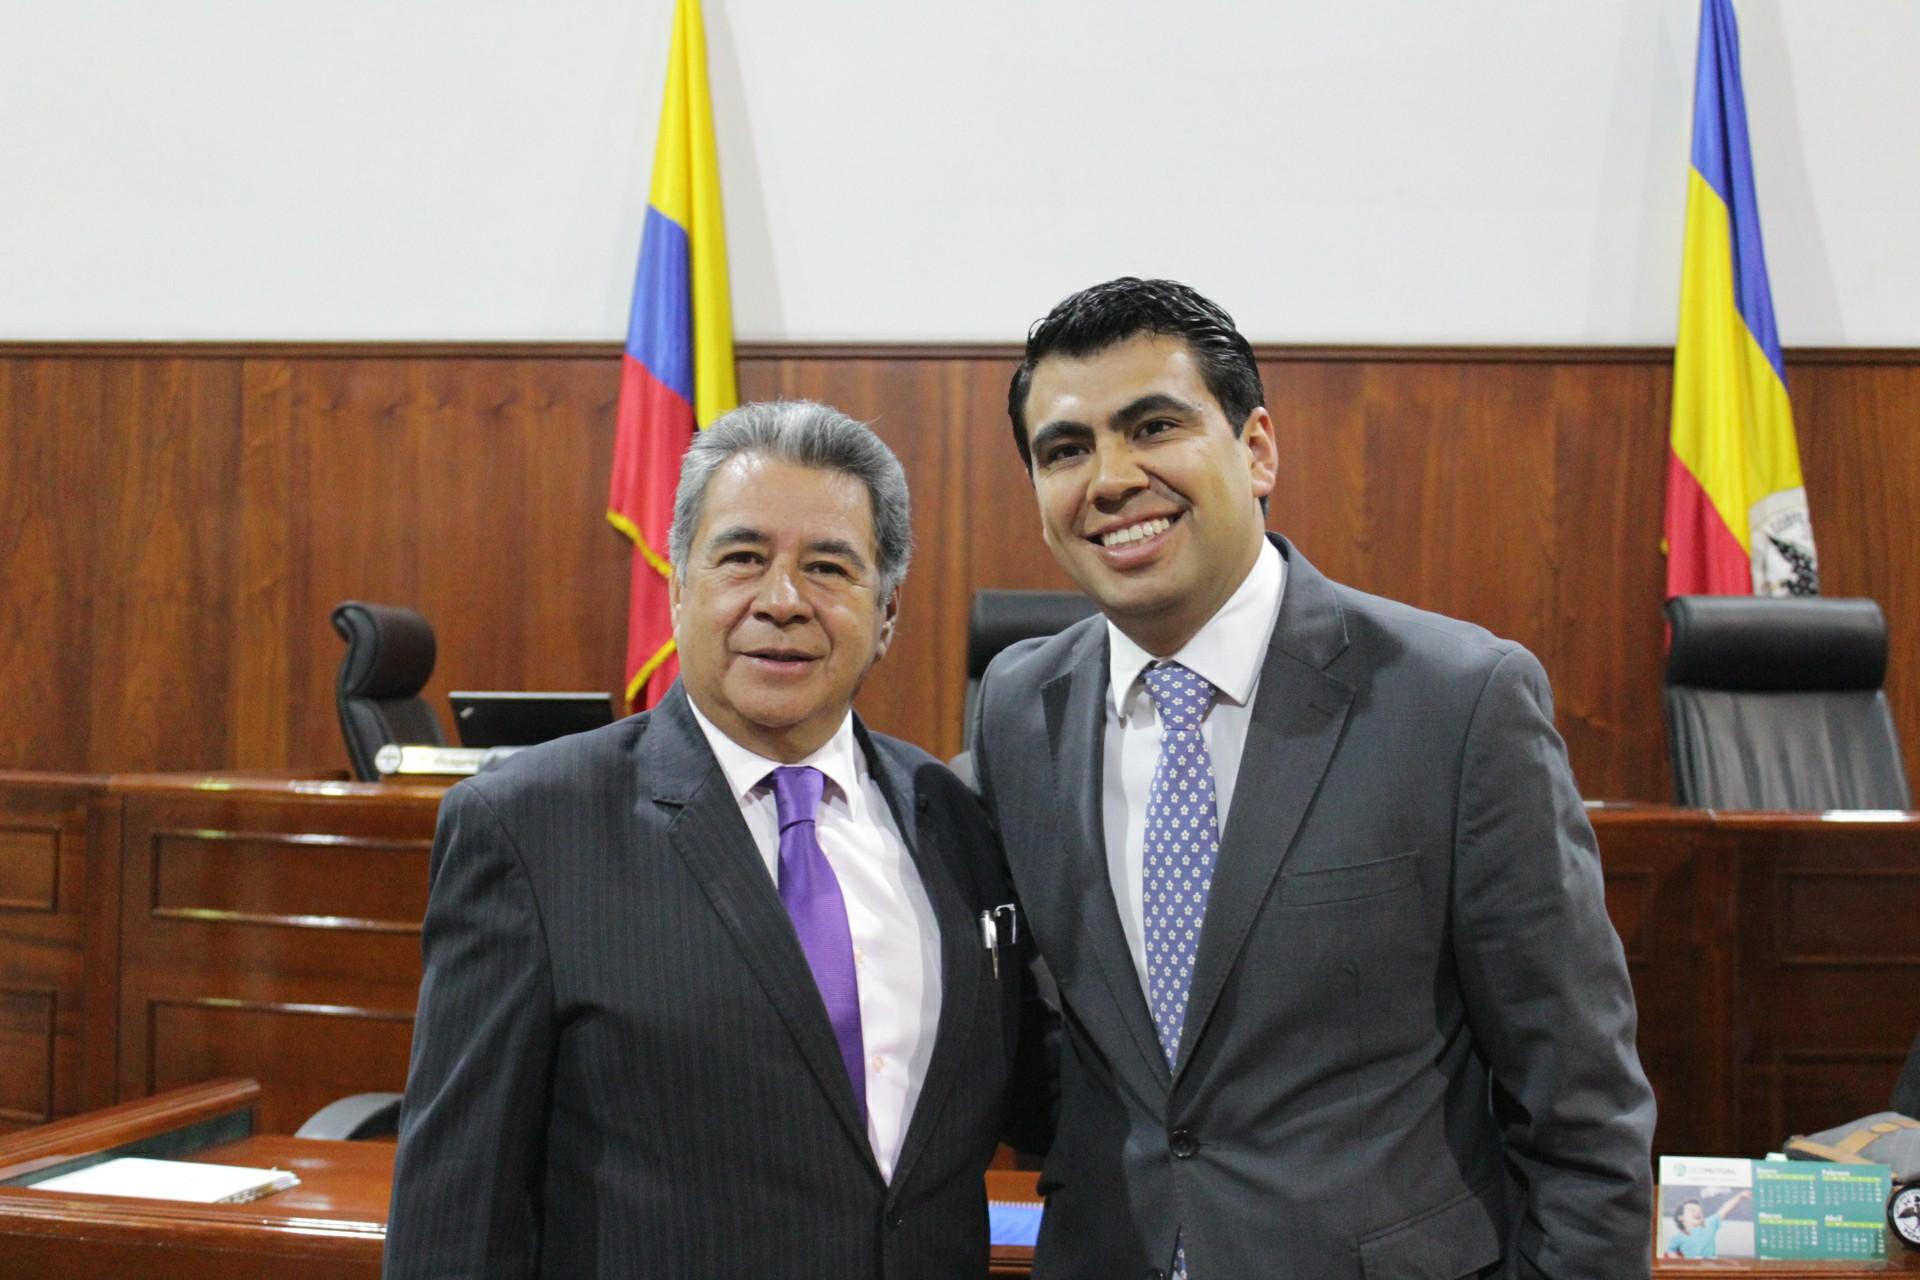 Satisfechos con la aprobación de la Asamblea se declararon el alcalde de Soacha, Eleázar González y el diputado Víctor Julián Sánchez.